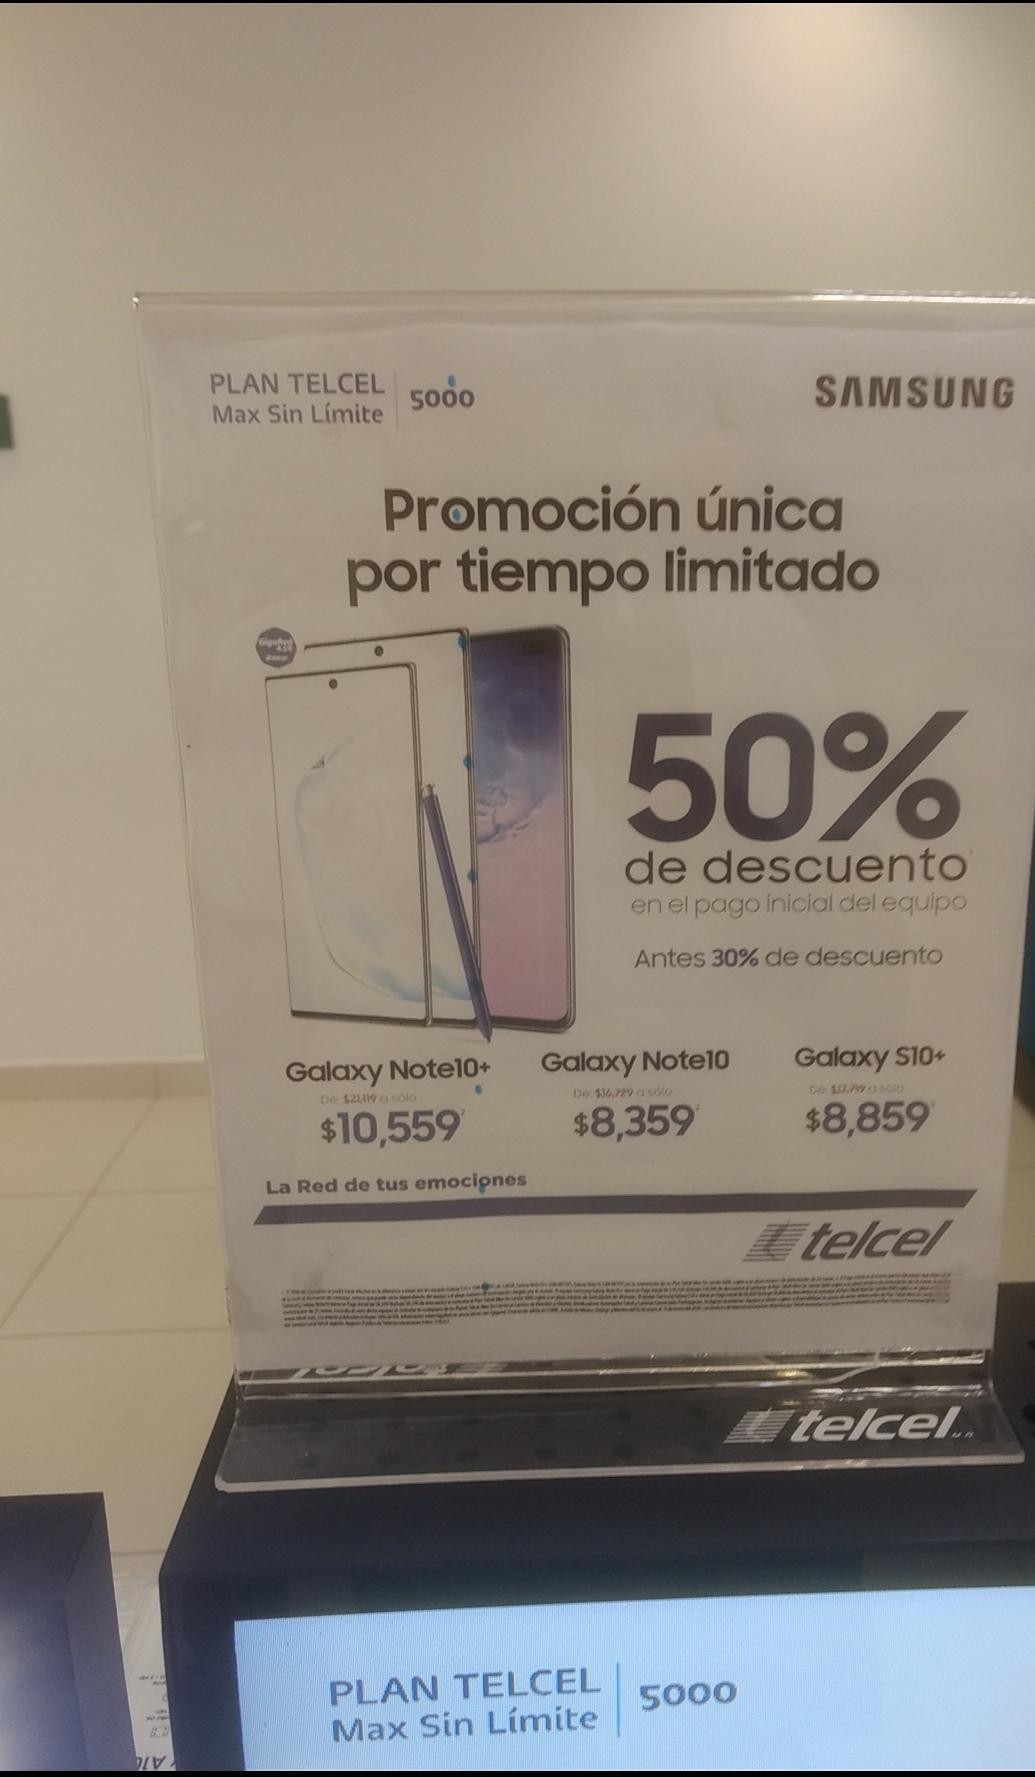 Telcel: Note 10+ en plan telcel 5000 y otros modelos Samsung en promoción